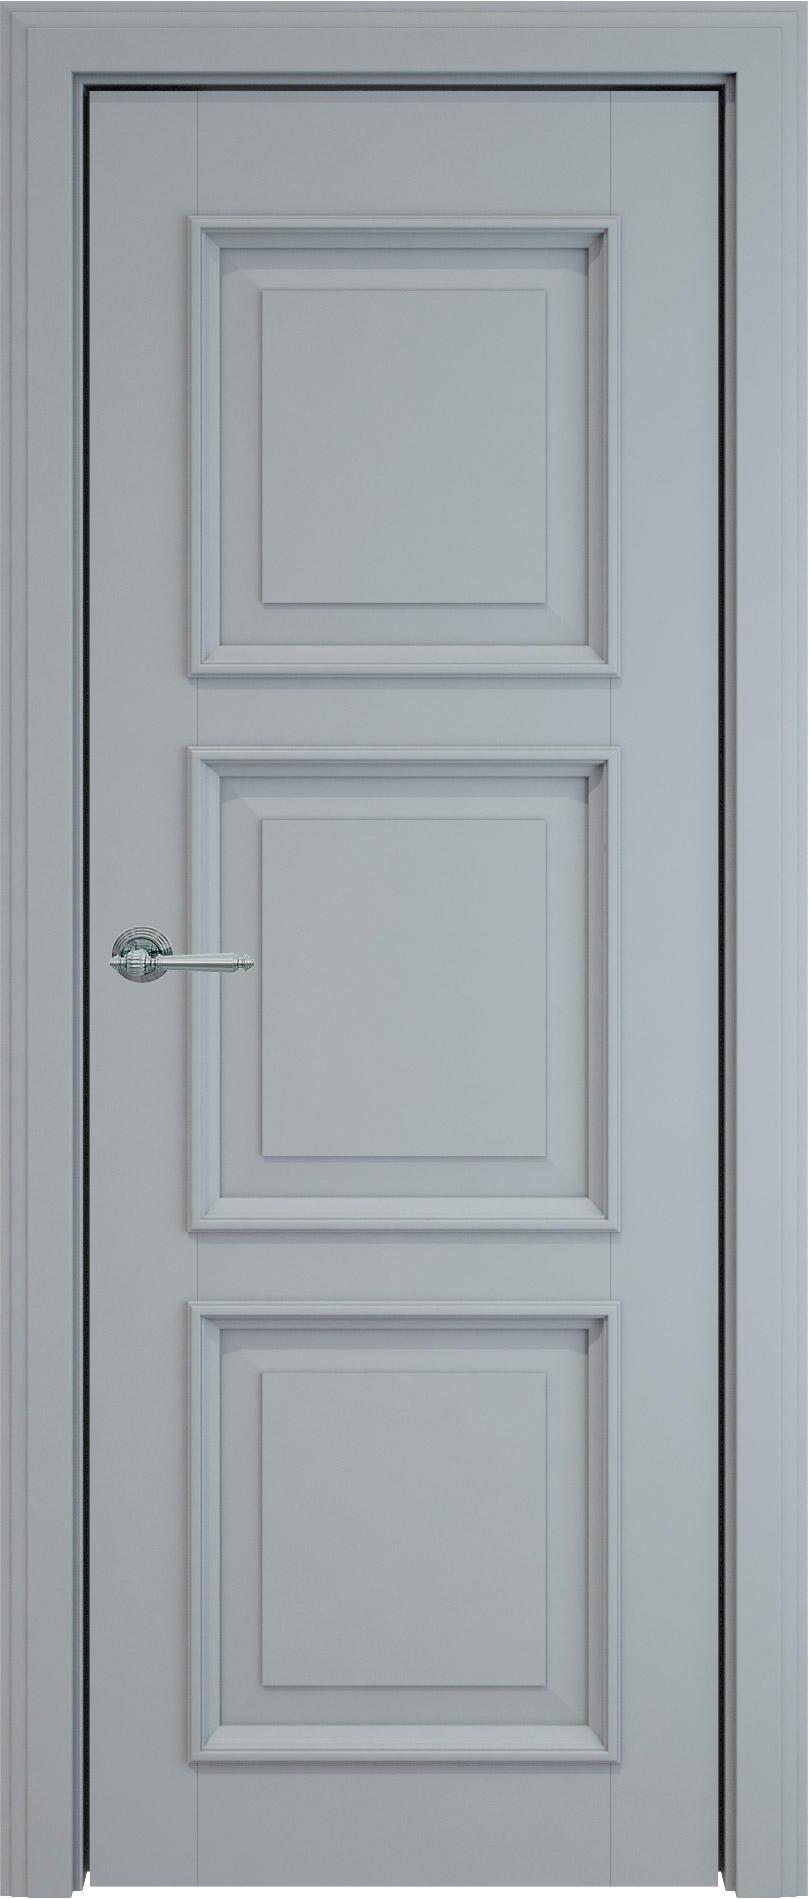 Milano LUX цвет - Серебристо-серая эмаль (RAL 7045) Без стекла (ДГ)